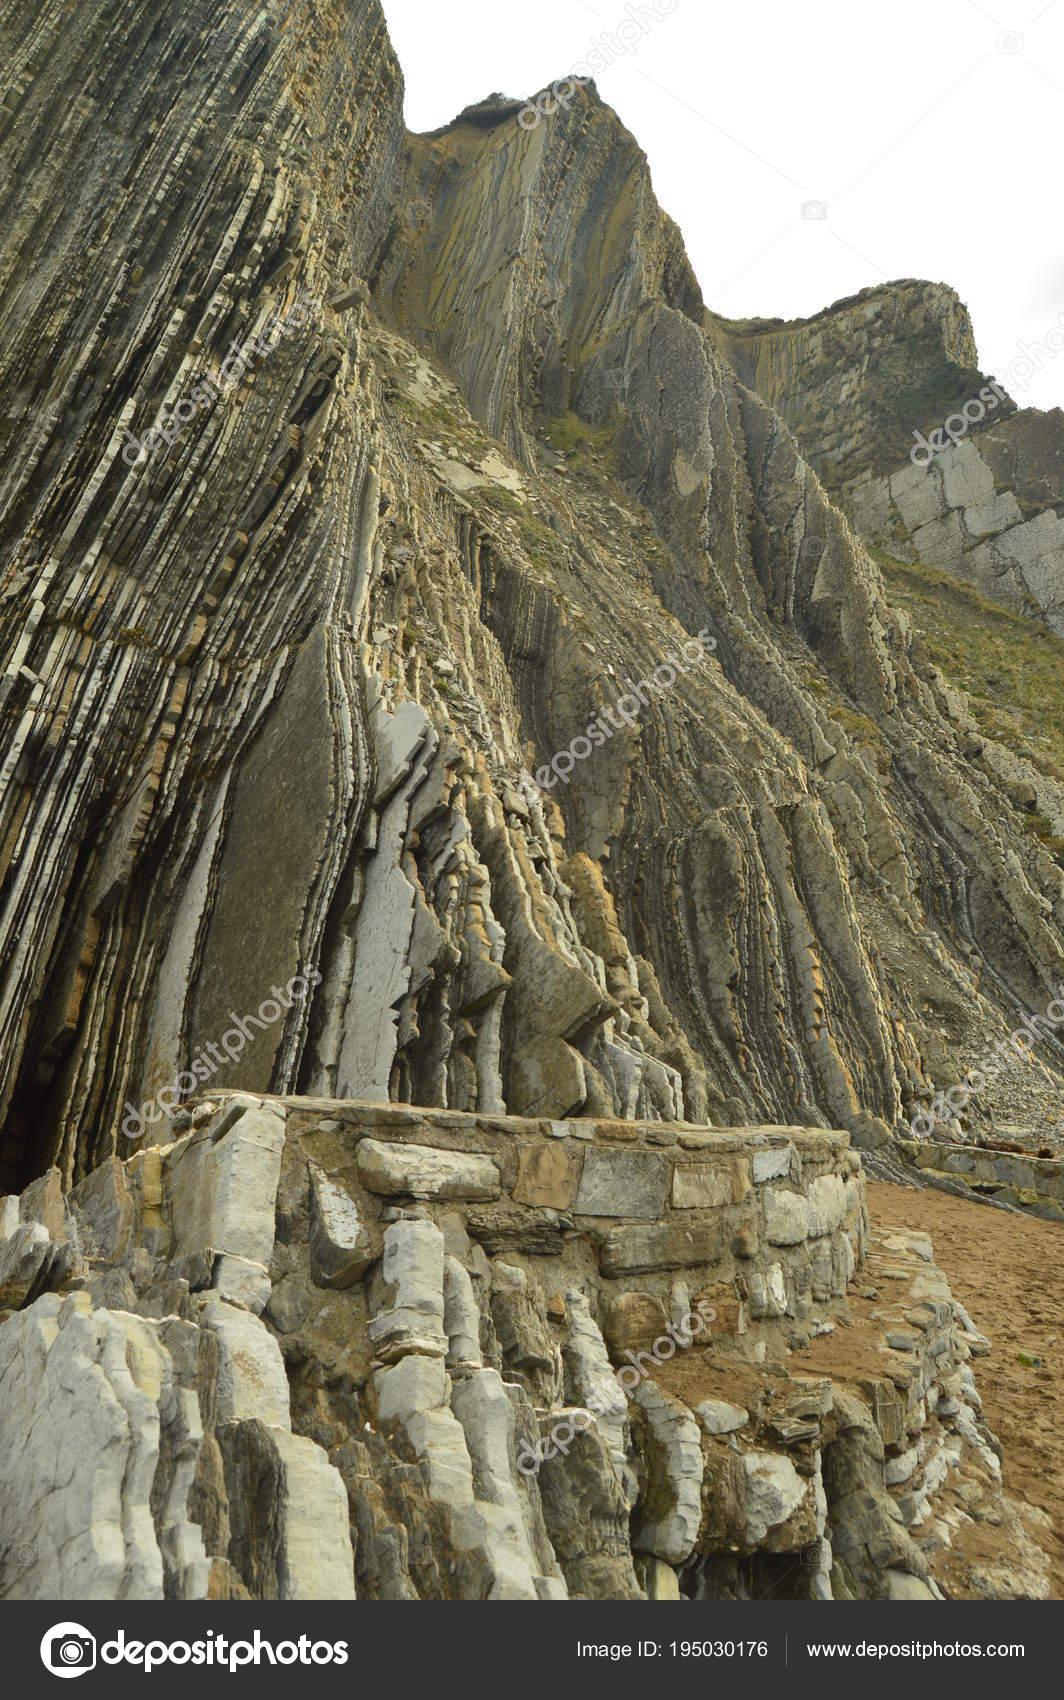 Berg Von Geologischen Formationen Der Flysch Typ Geopark Baskischen